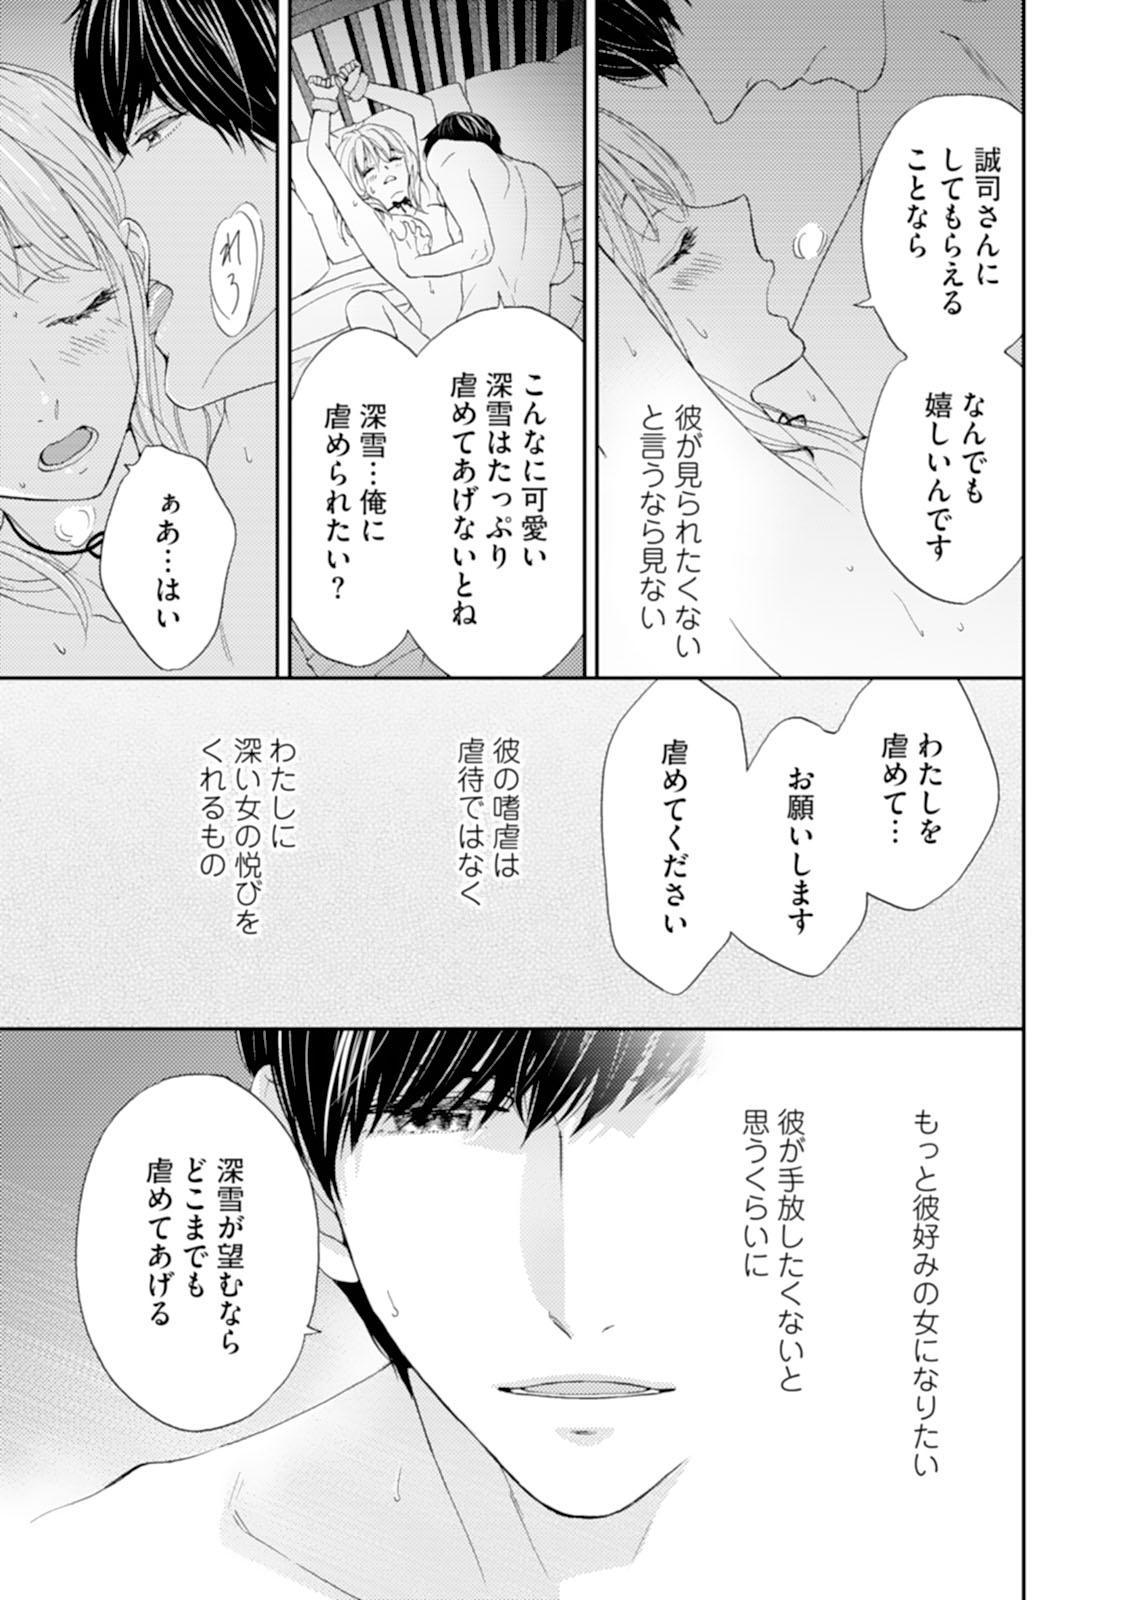 [Adumi Yuu] Choukyou-kei Danshi Ookami-sama to Koneko-chan Ch. 1-3 76